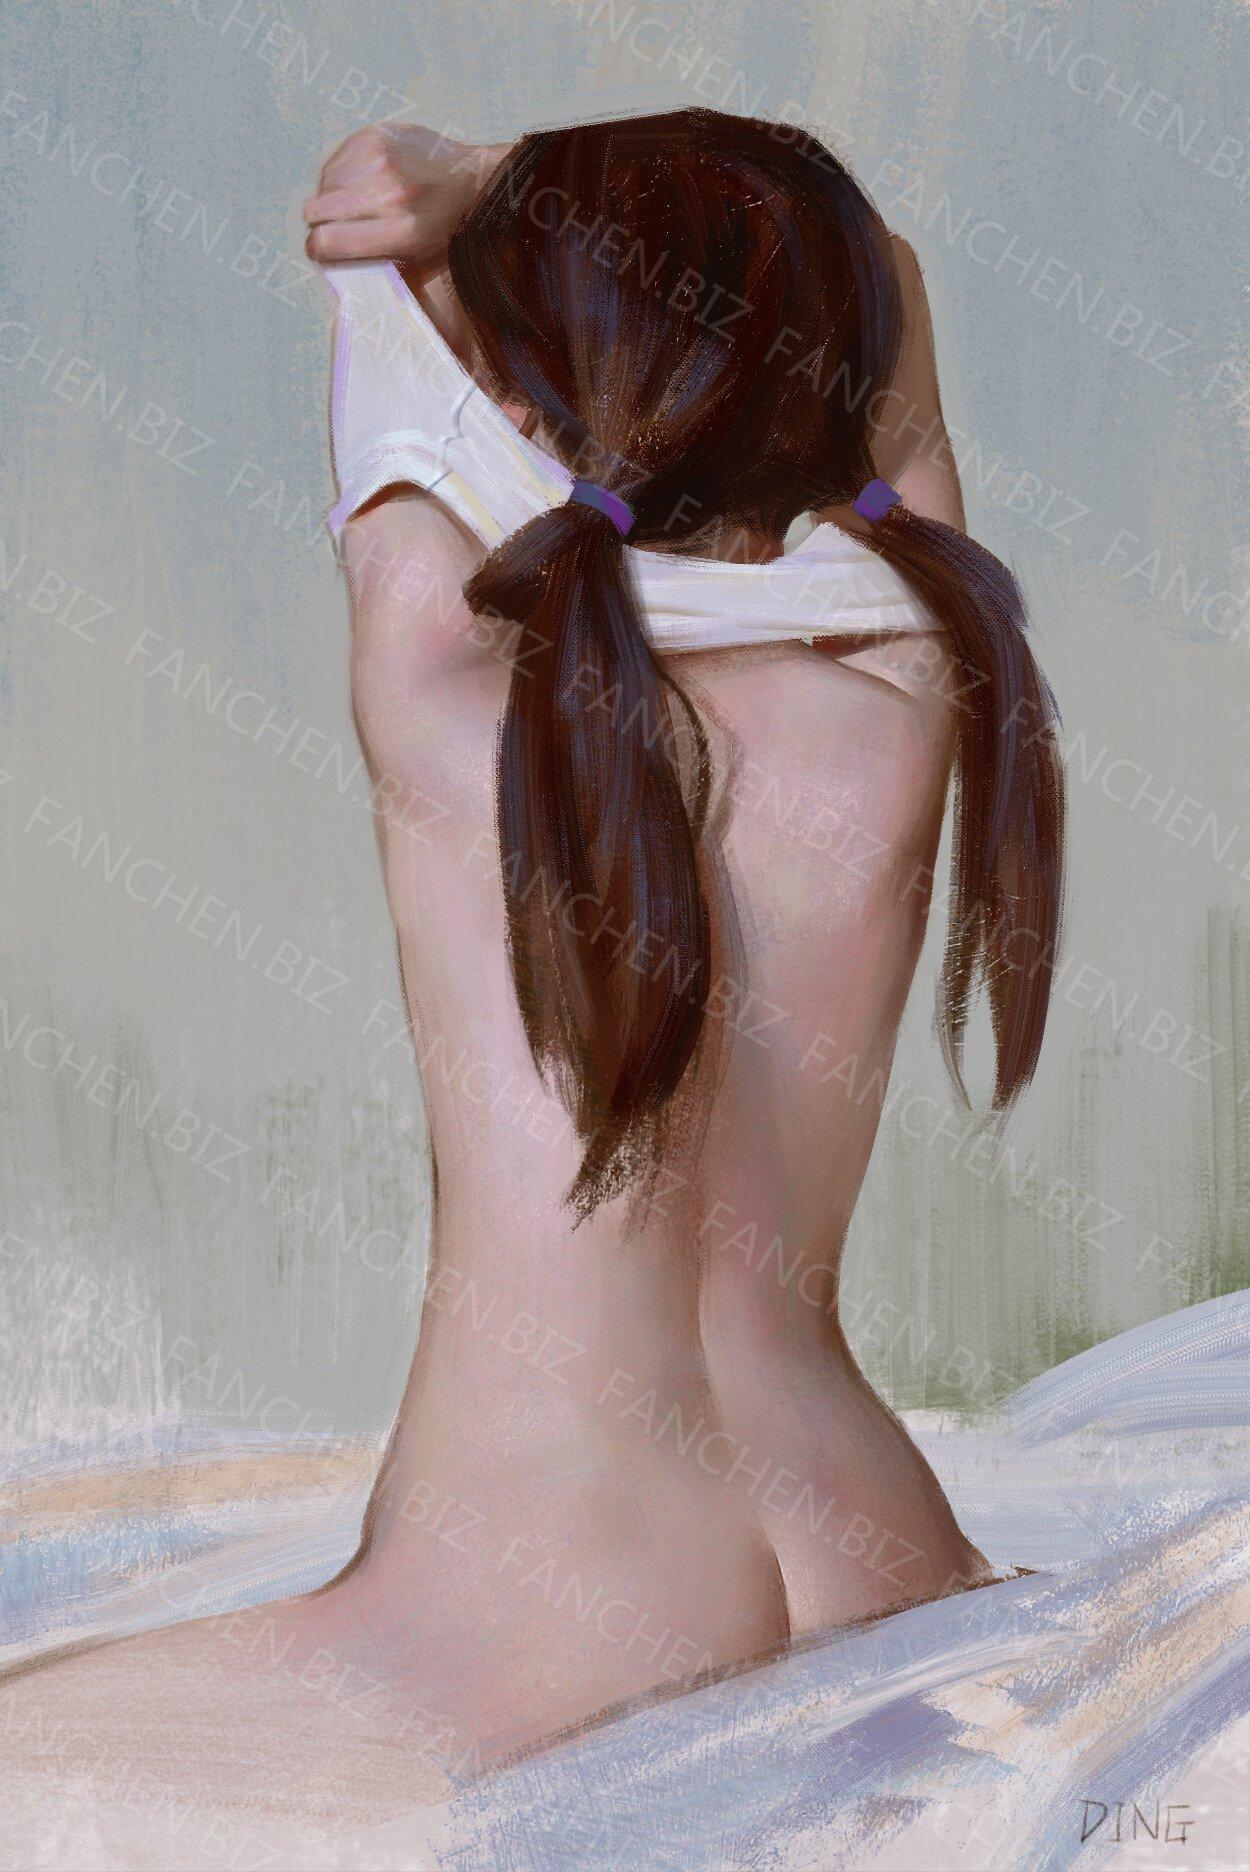 国人画师 Yuhong_Ding原画插画作品合集 58.38M-FANCHENBIZ